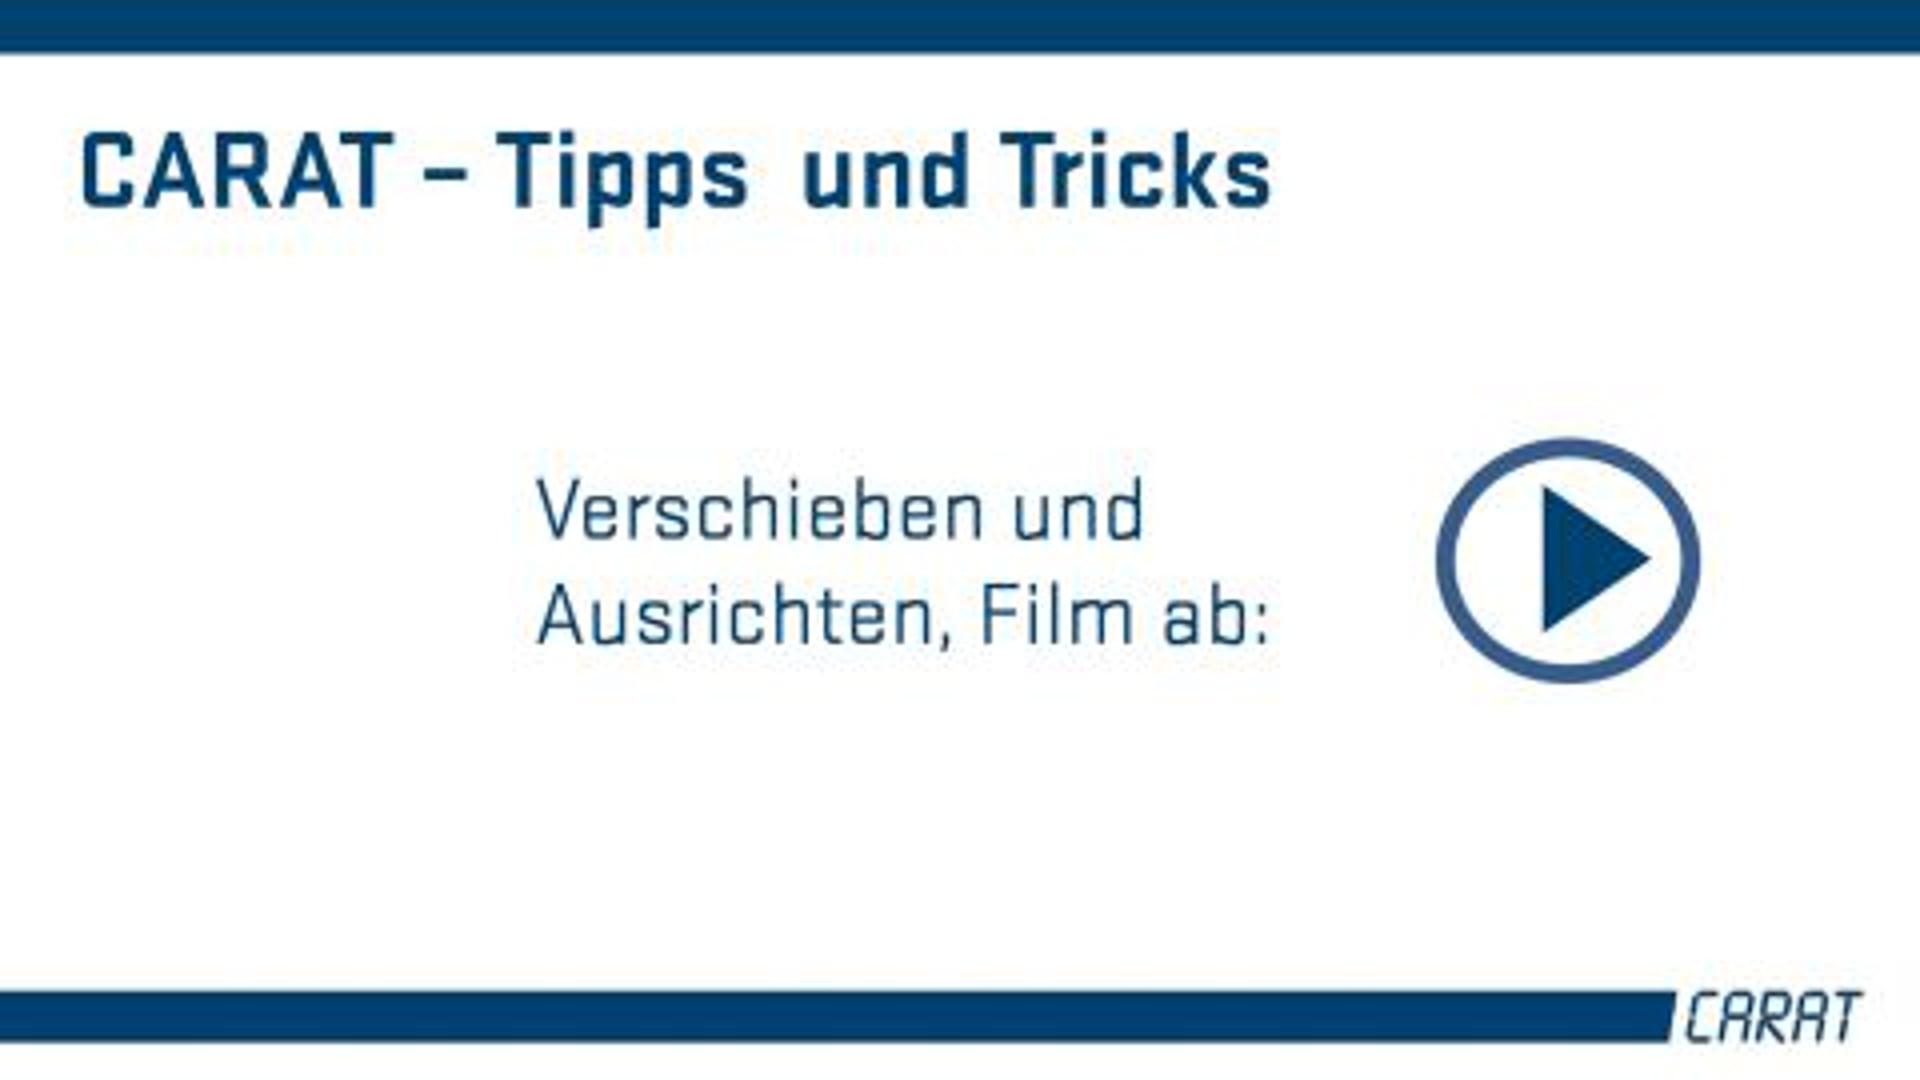 Tipps und Tricks - Verschieben und Ausrichten